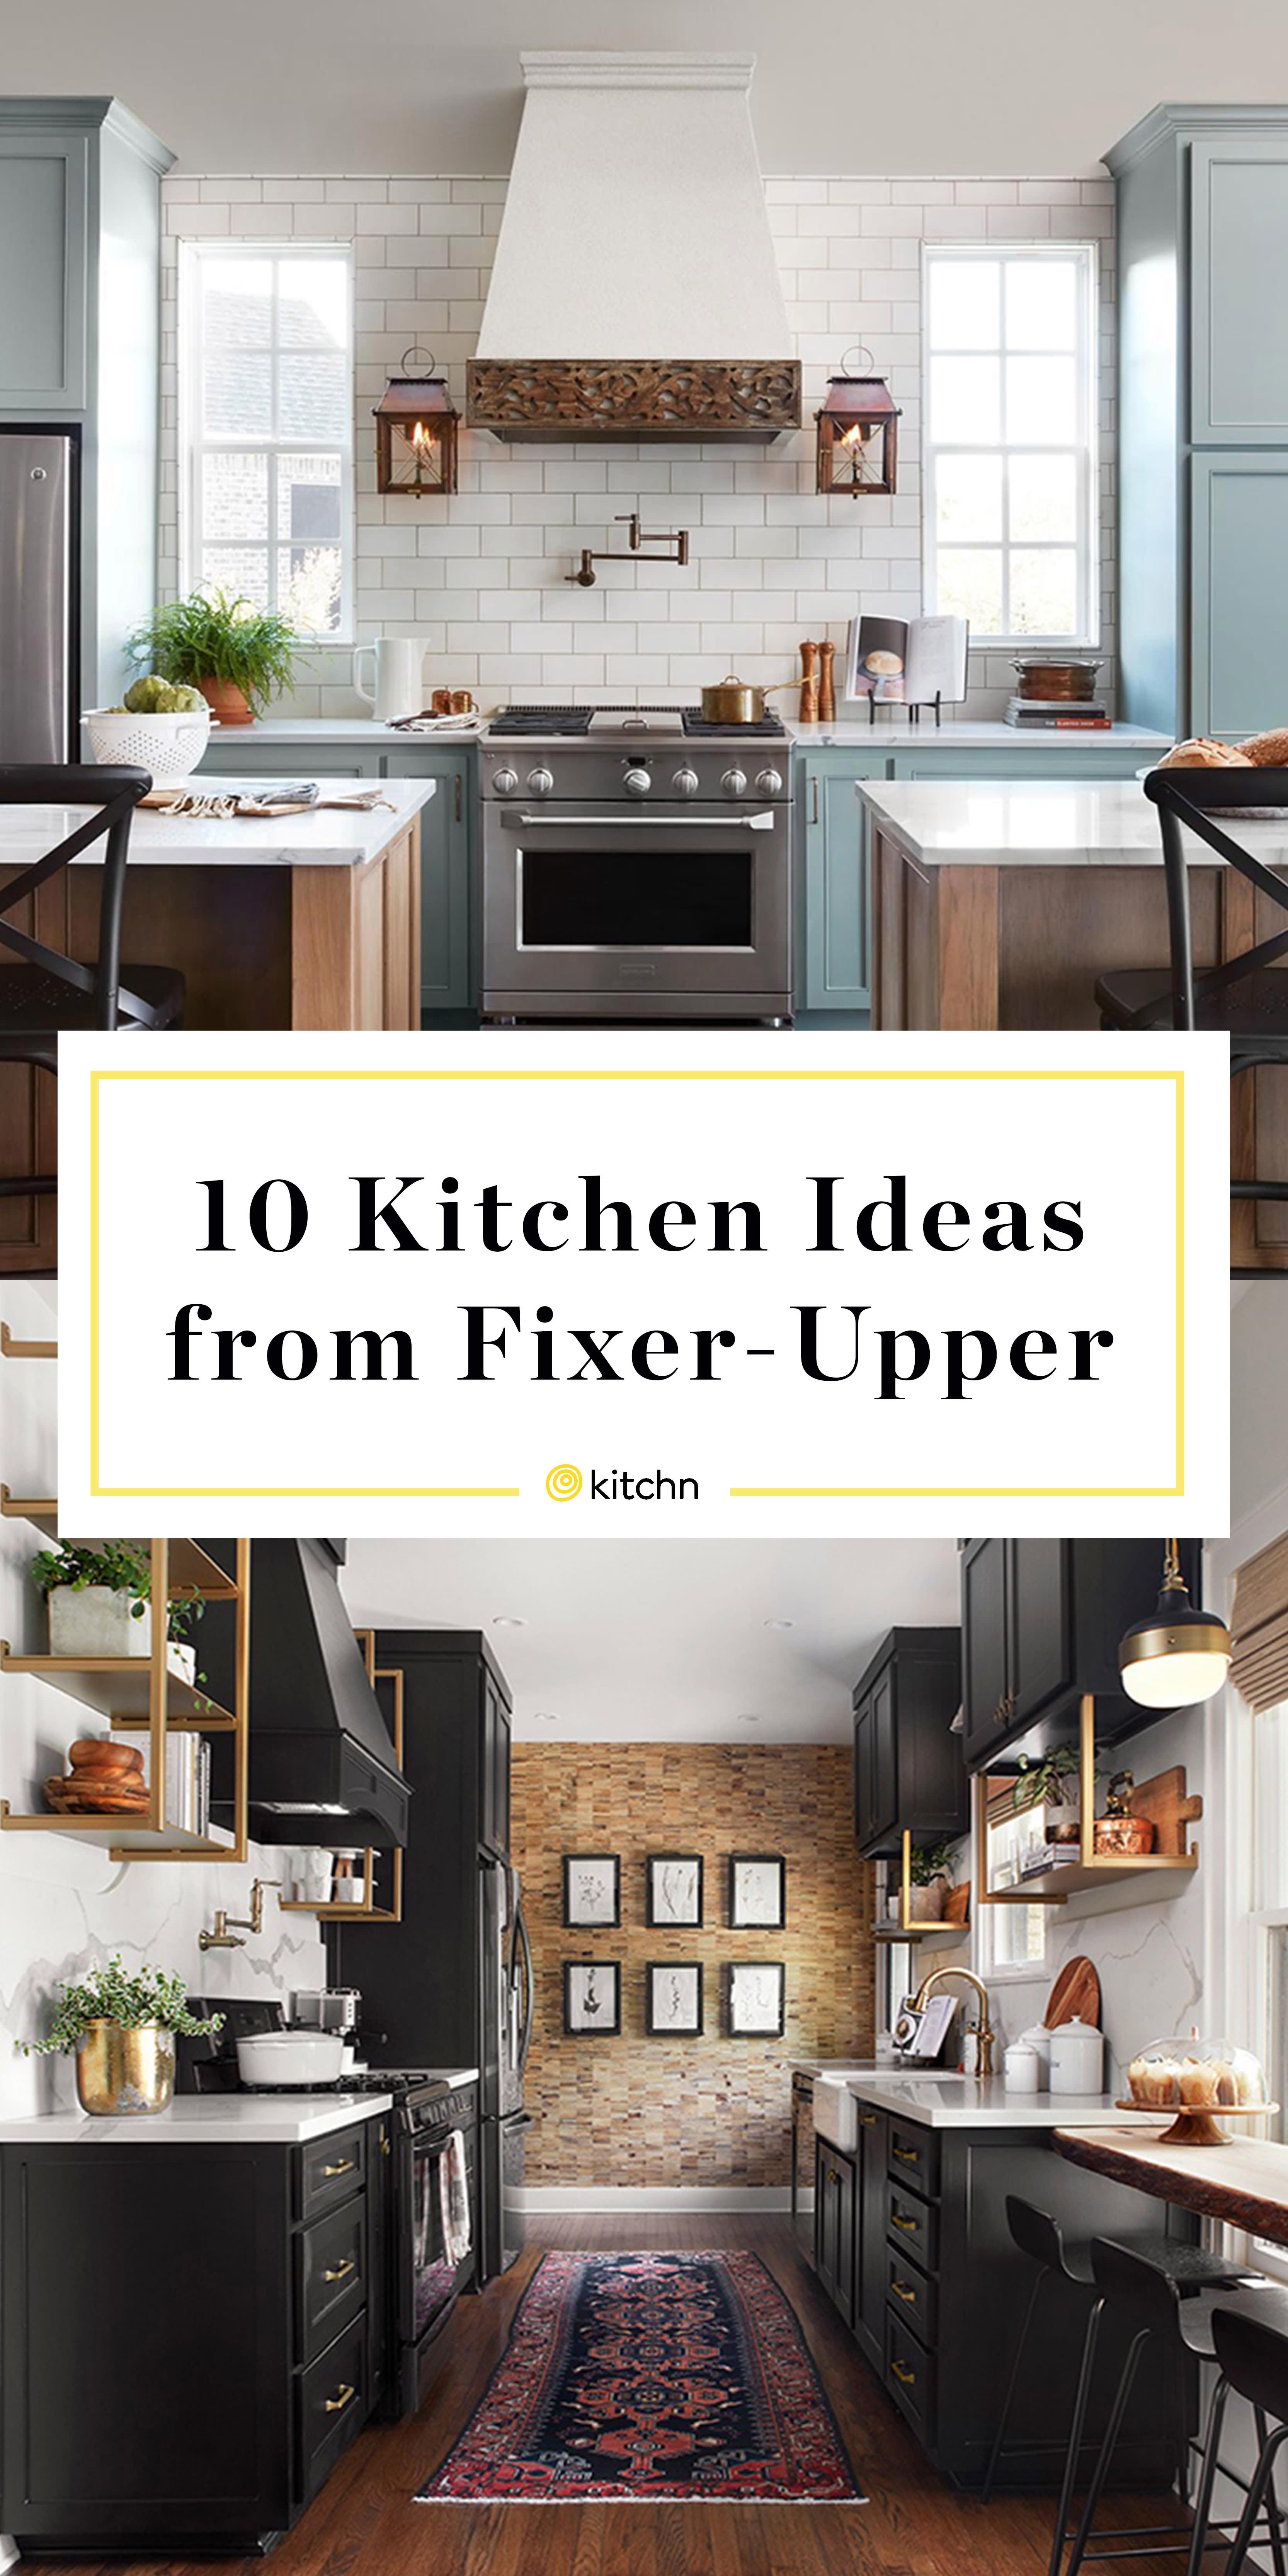 Fixer Upper - Best Kitchen Ideas | Kitchn